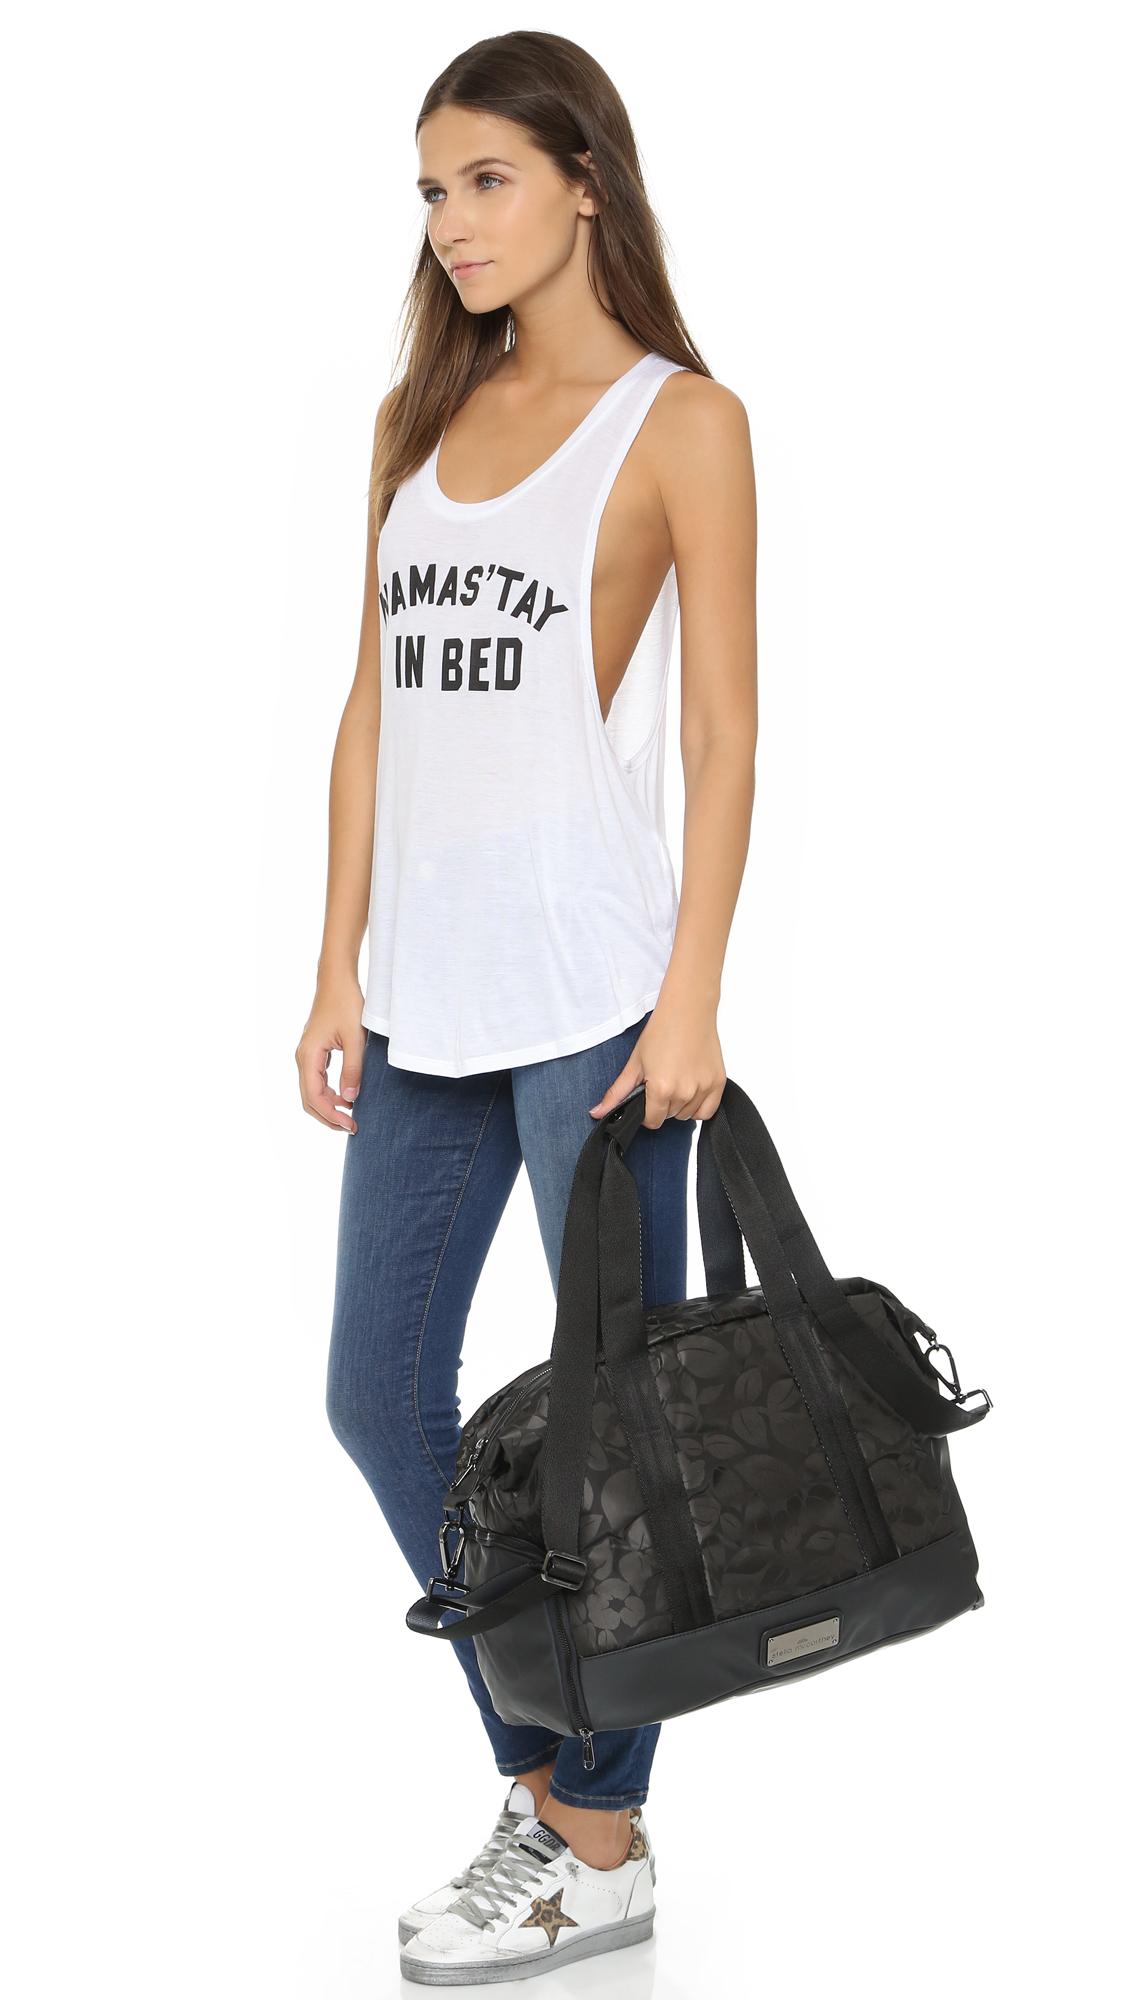 710a56c70a61 adidas by Stella McCartney Small Gym Bag